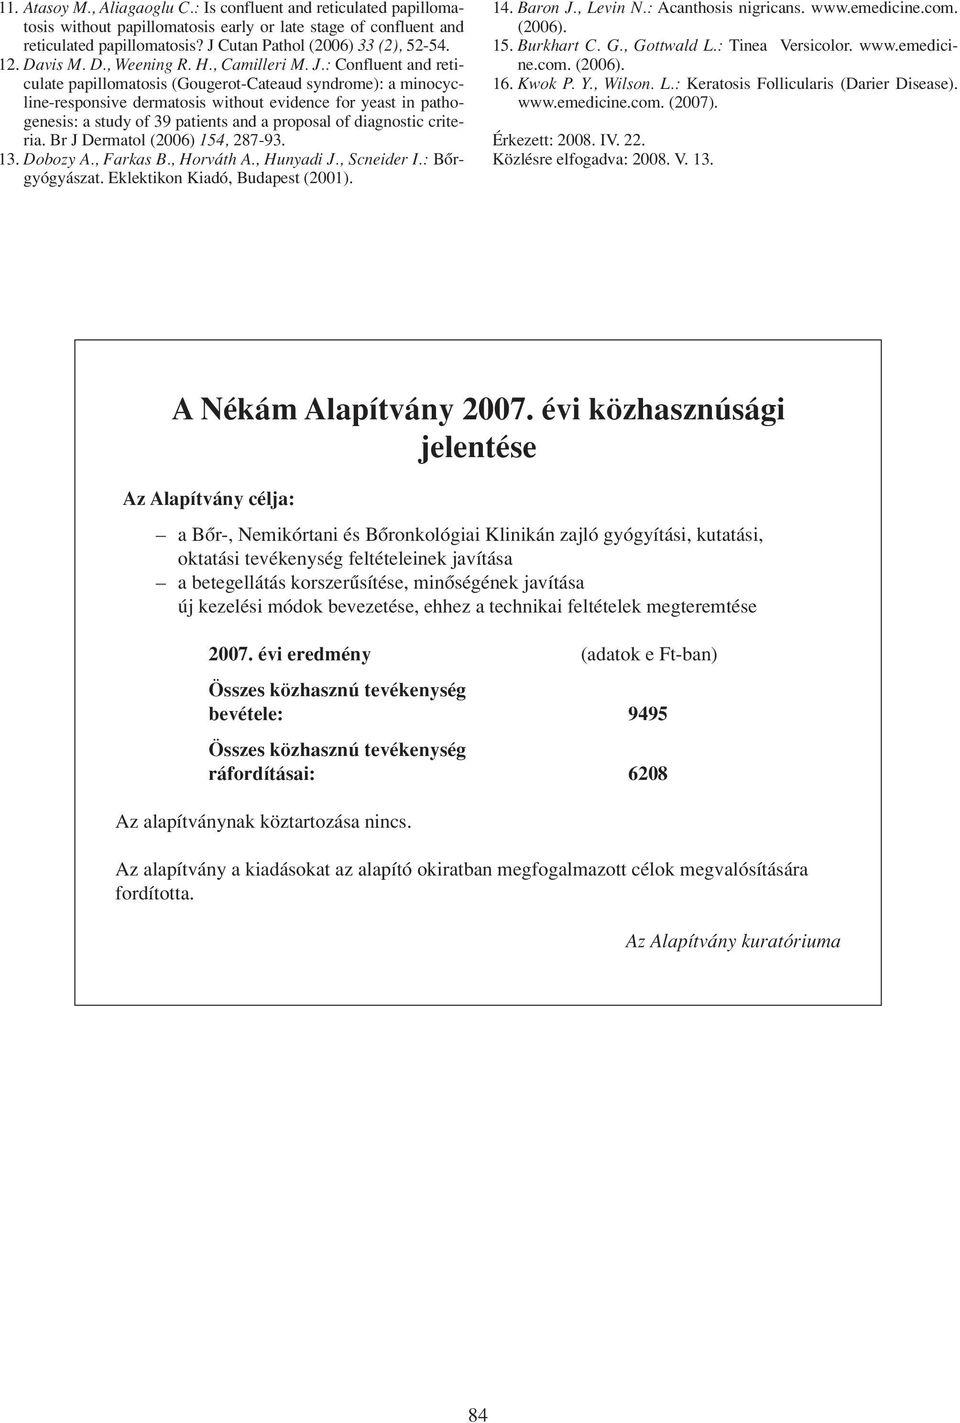 * Papilloma (Betegségek) - Meghatározás - Online Lexikon